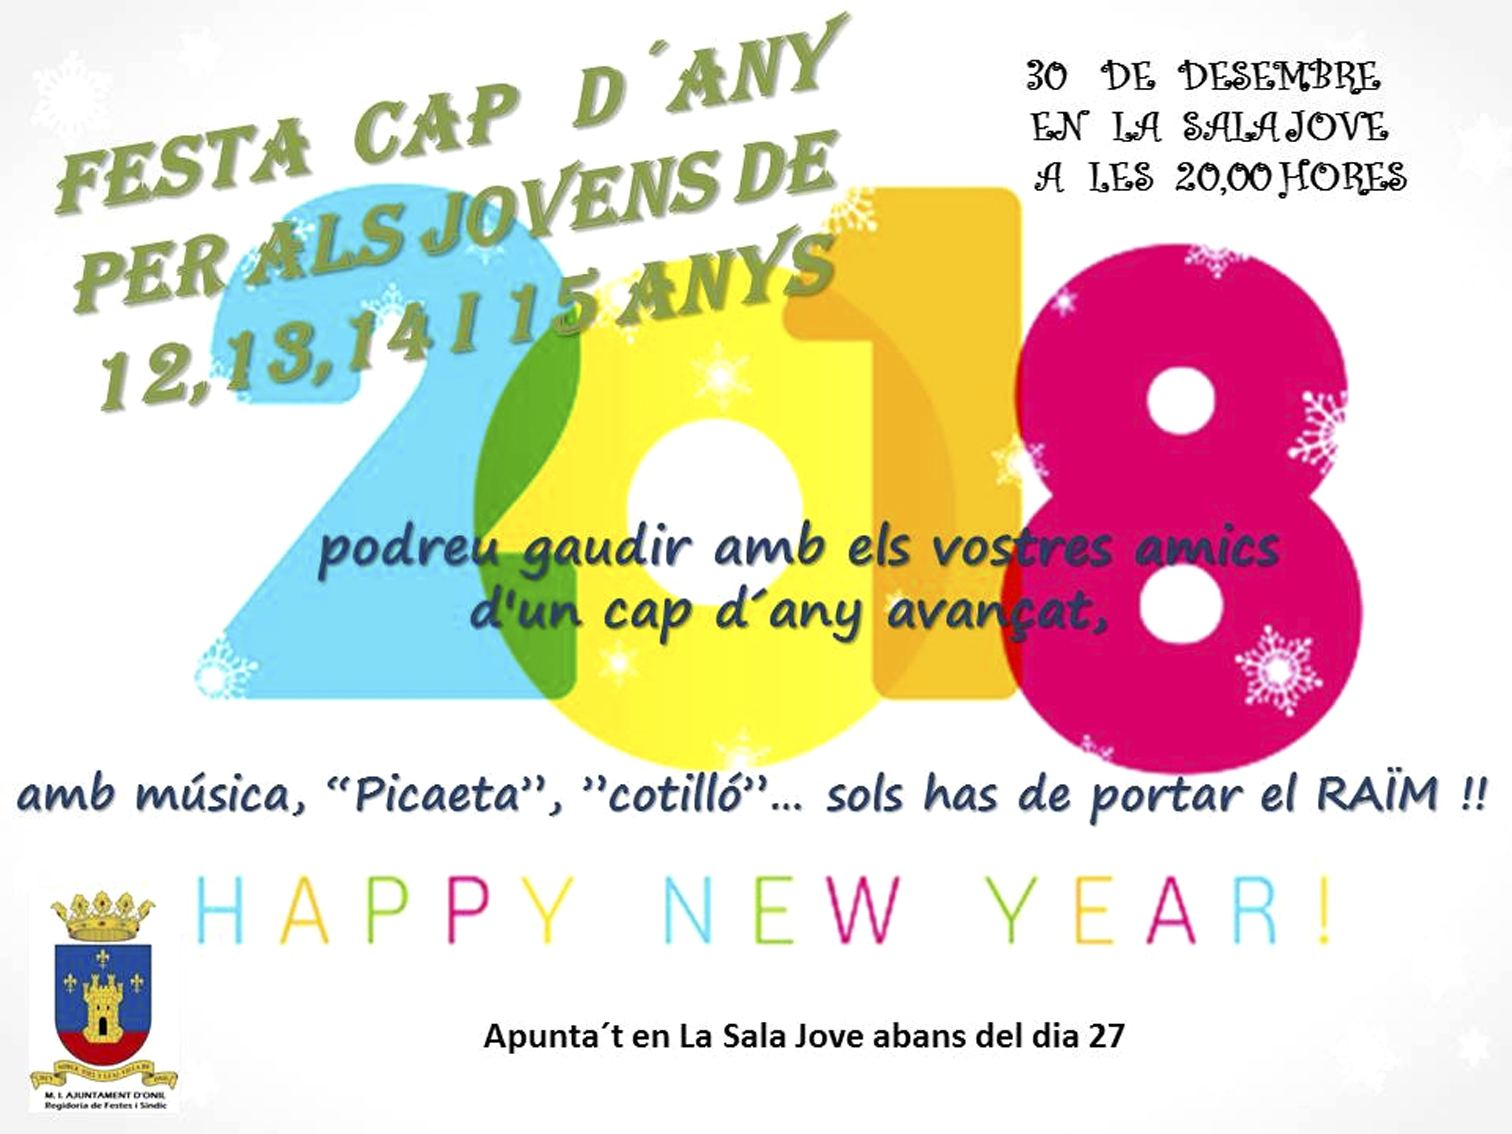 Onil organitza la primera festa de cap d'any per a joves d'entre 12 i 15 anys